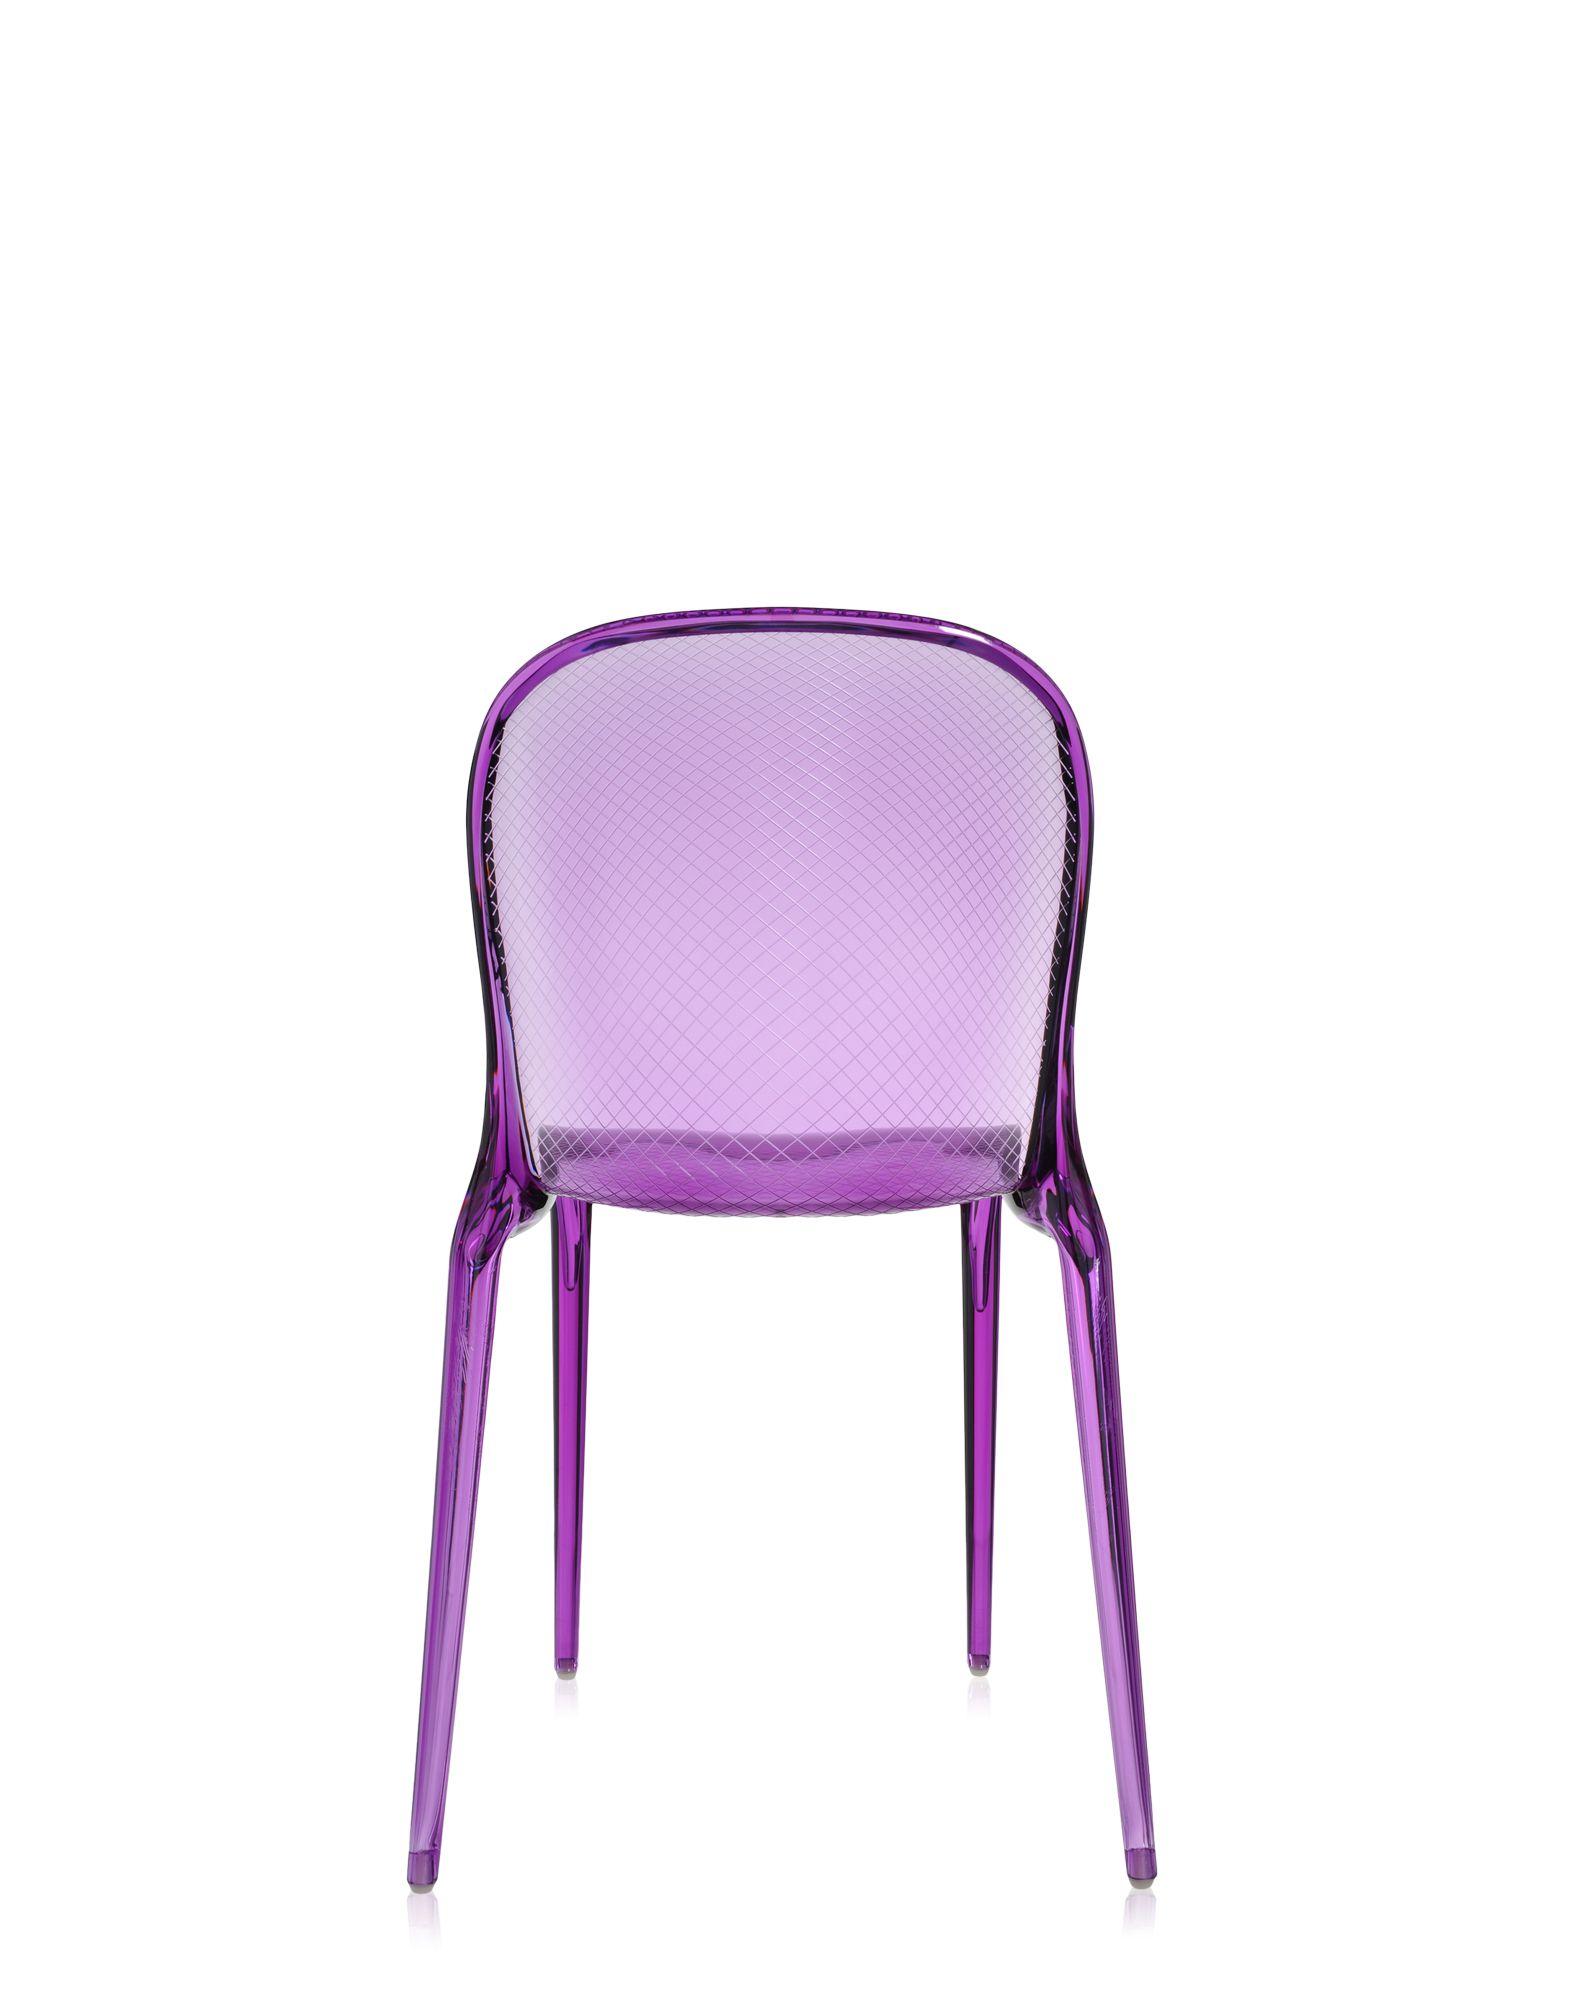 Kartell thalya viola sedie design newformsdesign for Sedie design kartell